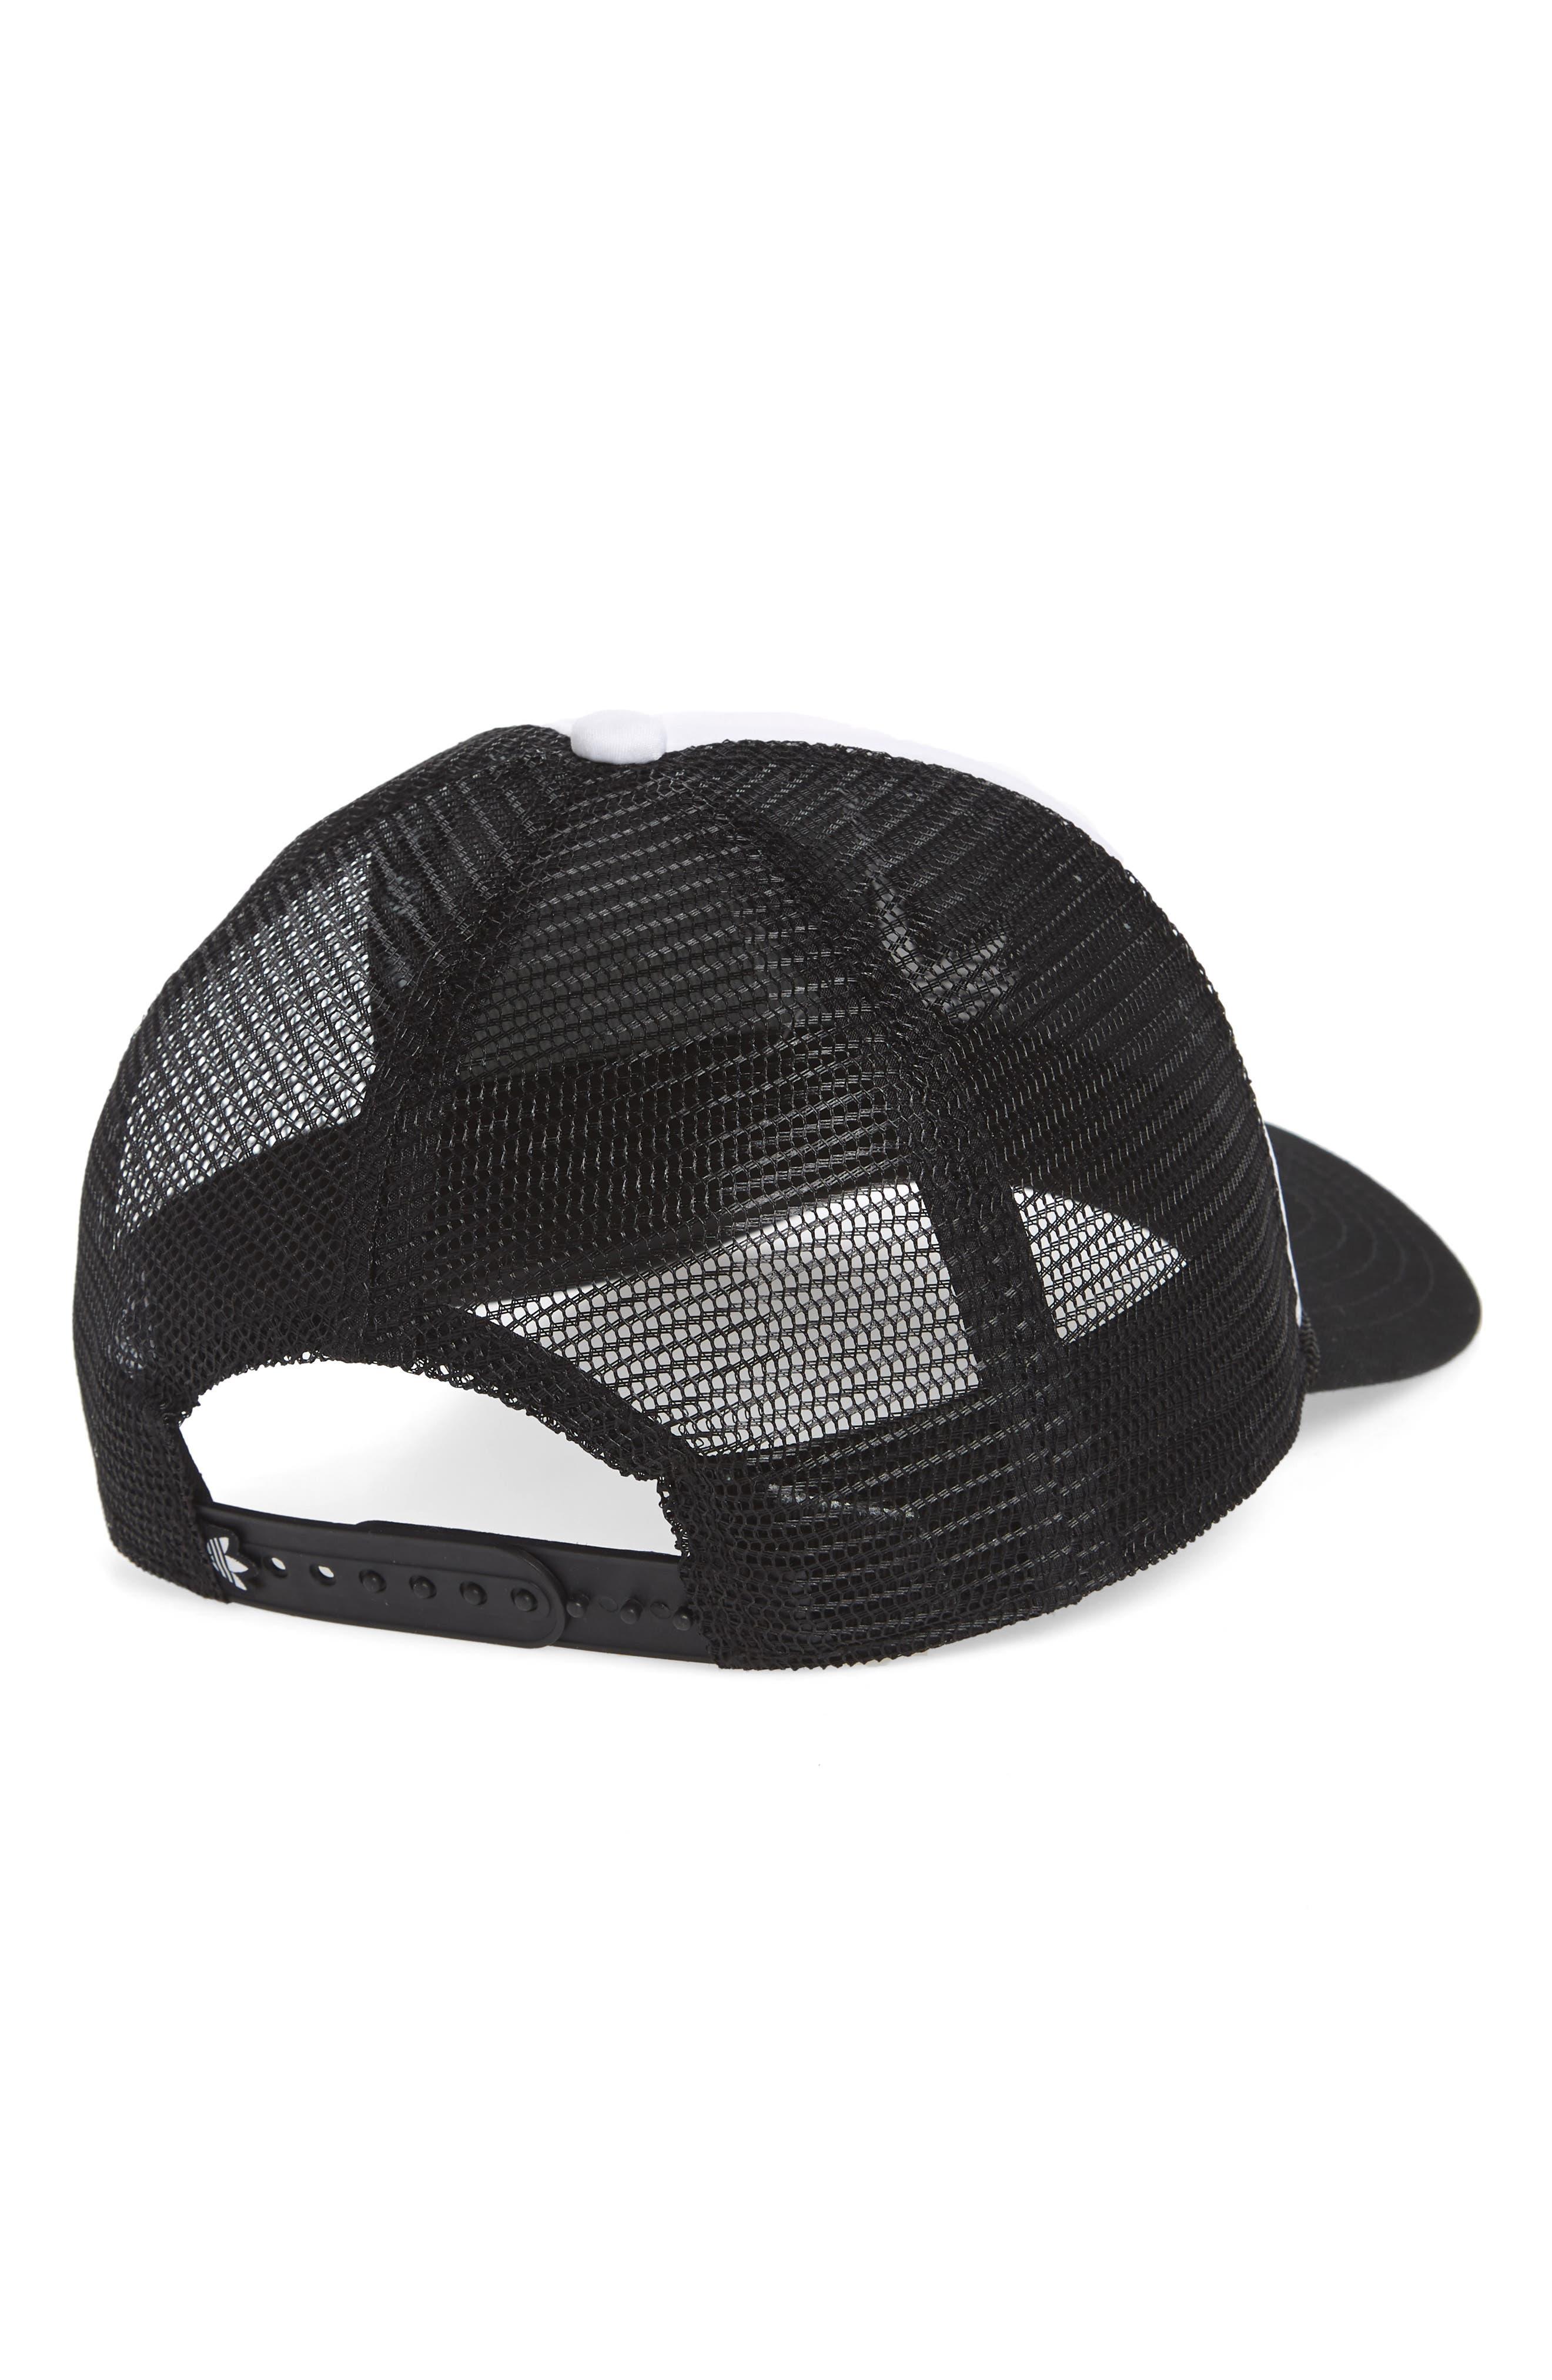 Trefoil Mesh Trucker Hat,                             Alternate thumbnail 2, color,                             WHITE/ BLACK